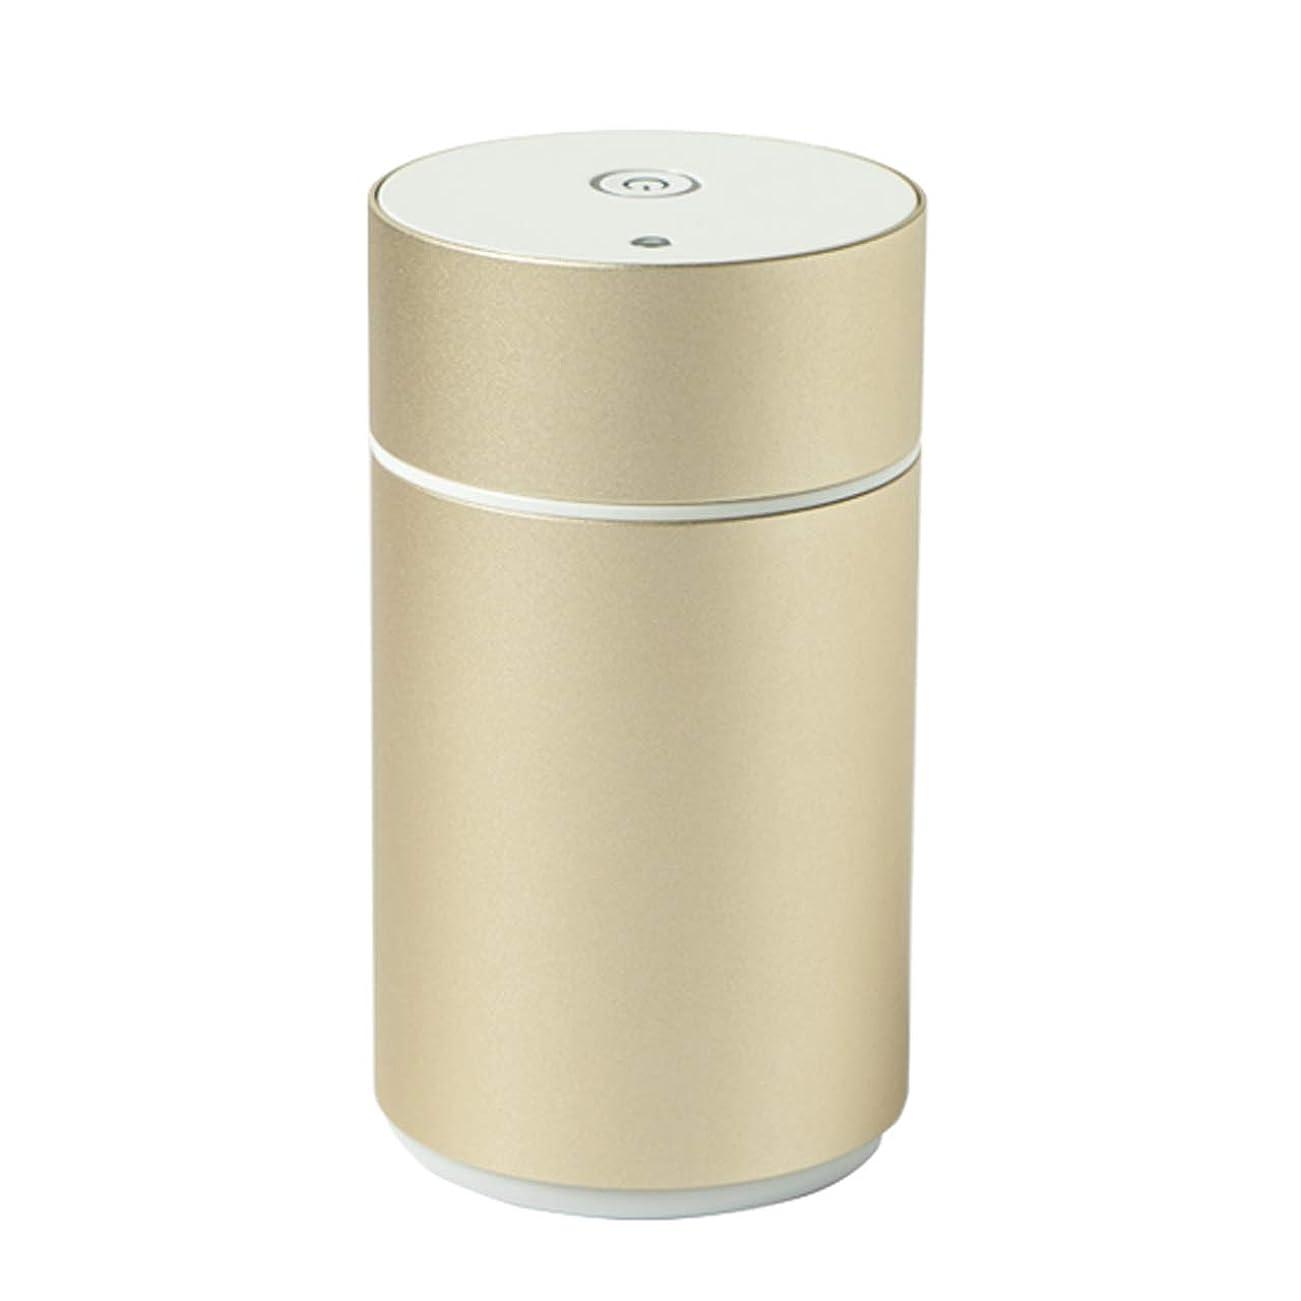 操縦する老人水銀の生活の木 アロモア ミニ ゴールド (aromore mini gold) (エッセンシャルオイルディフューザー) (圧縮微粒子式アロマディフューザー)